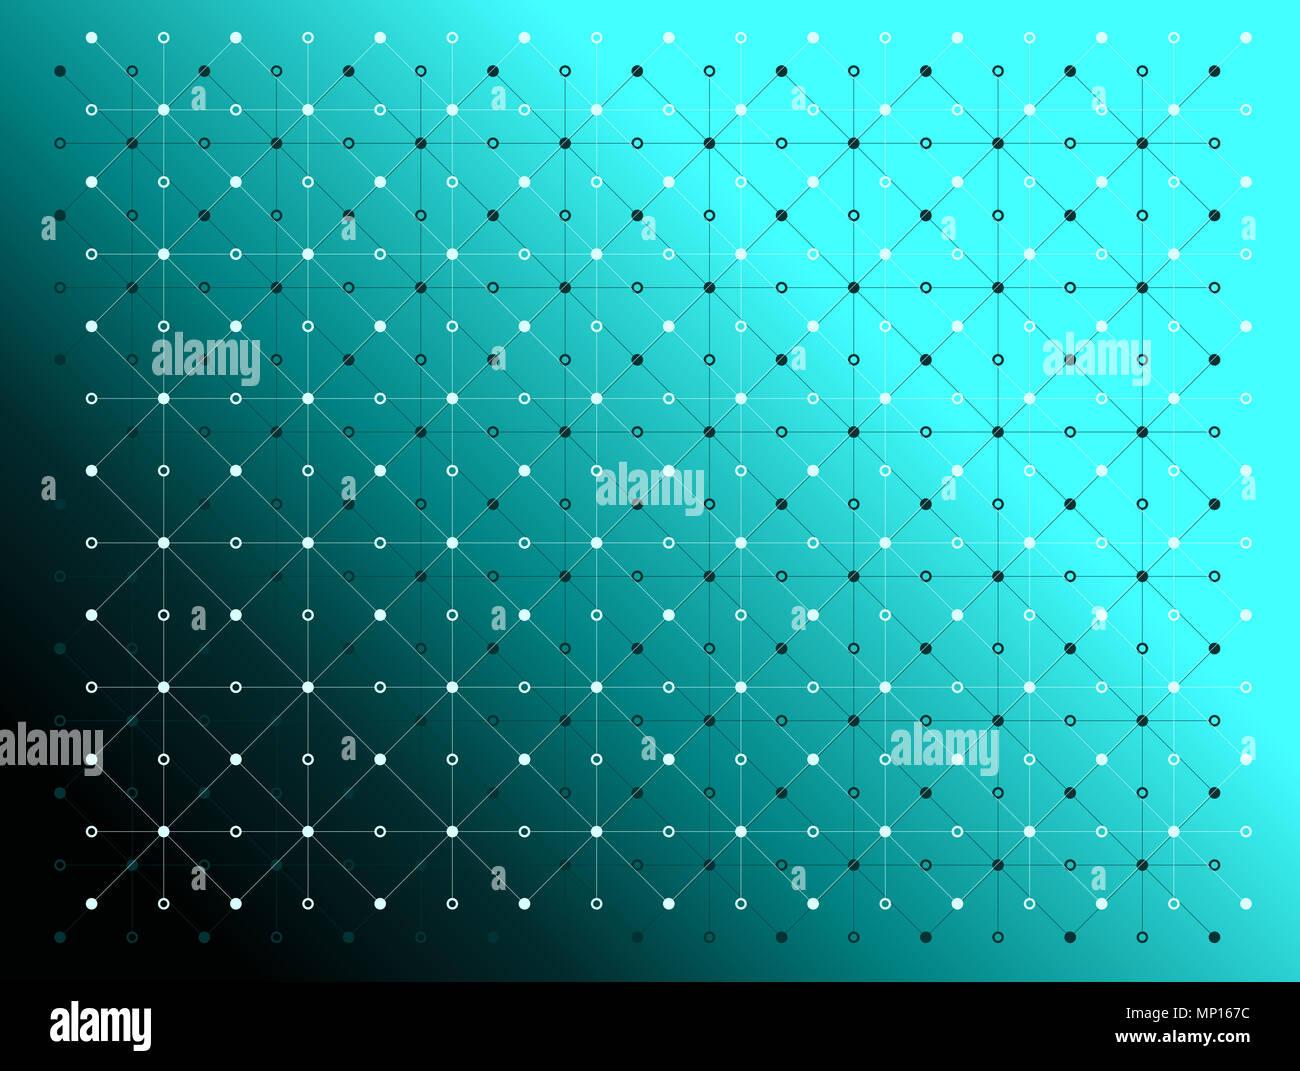 Punti E Linee I Colori Nero E Bianco Texture Pattern Su Gradiente